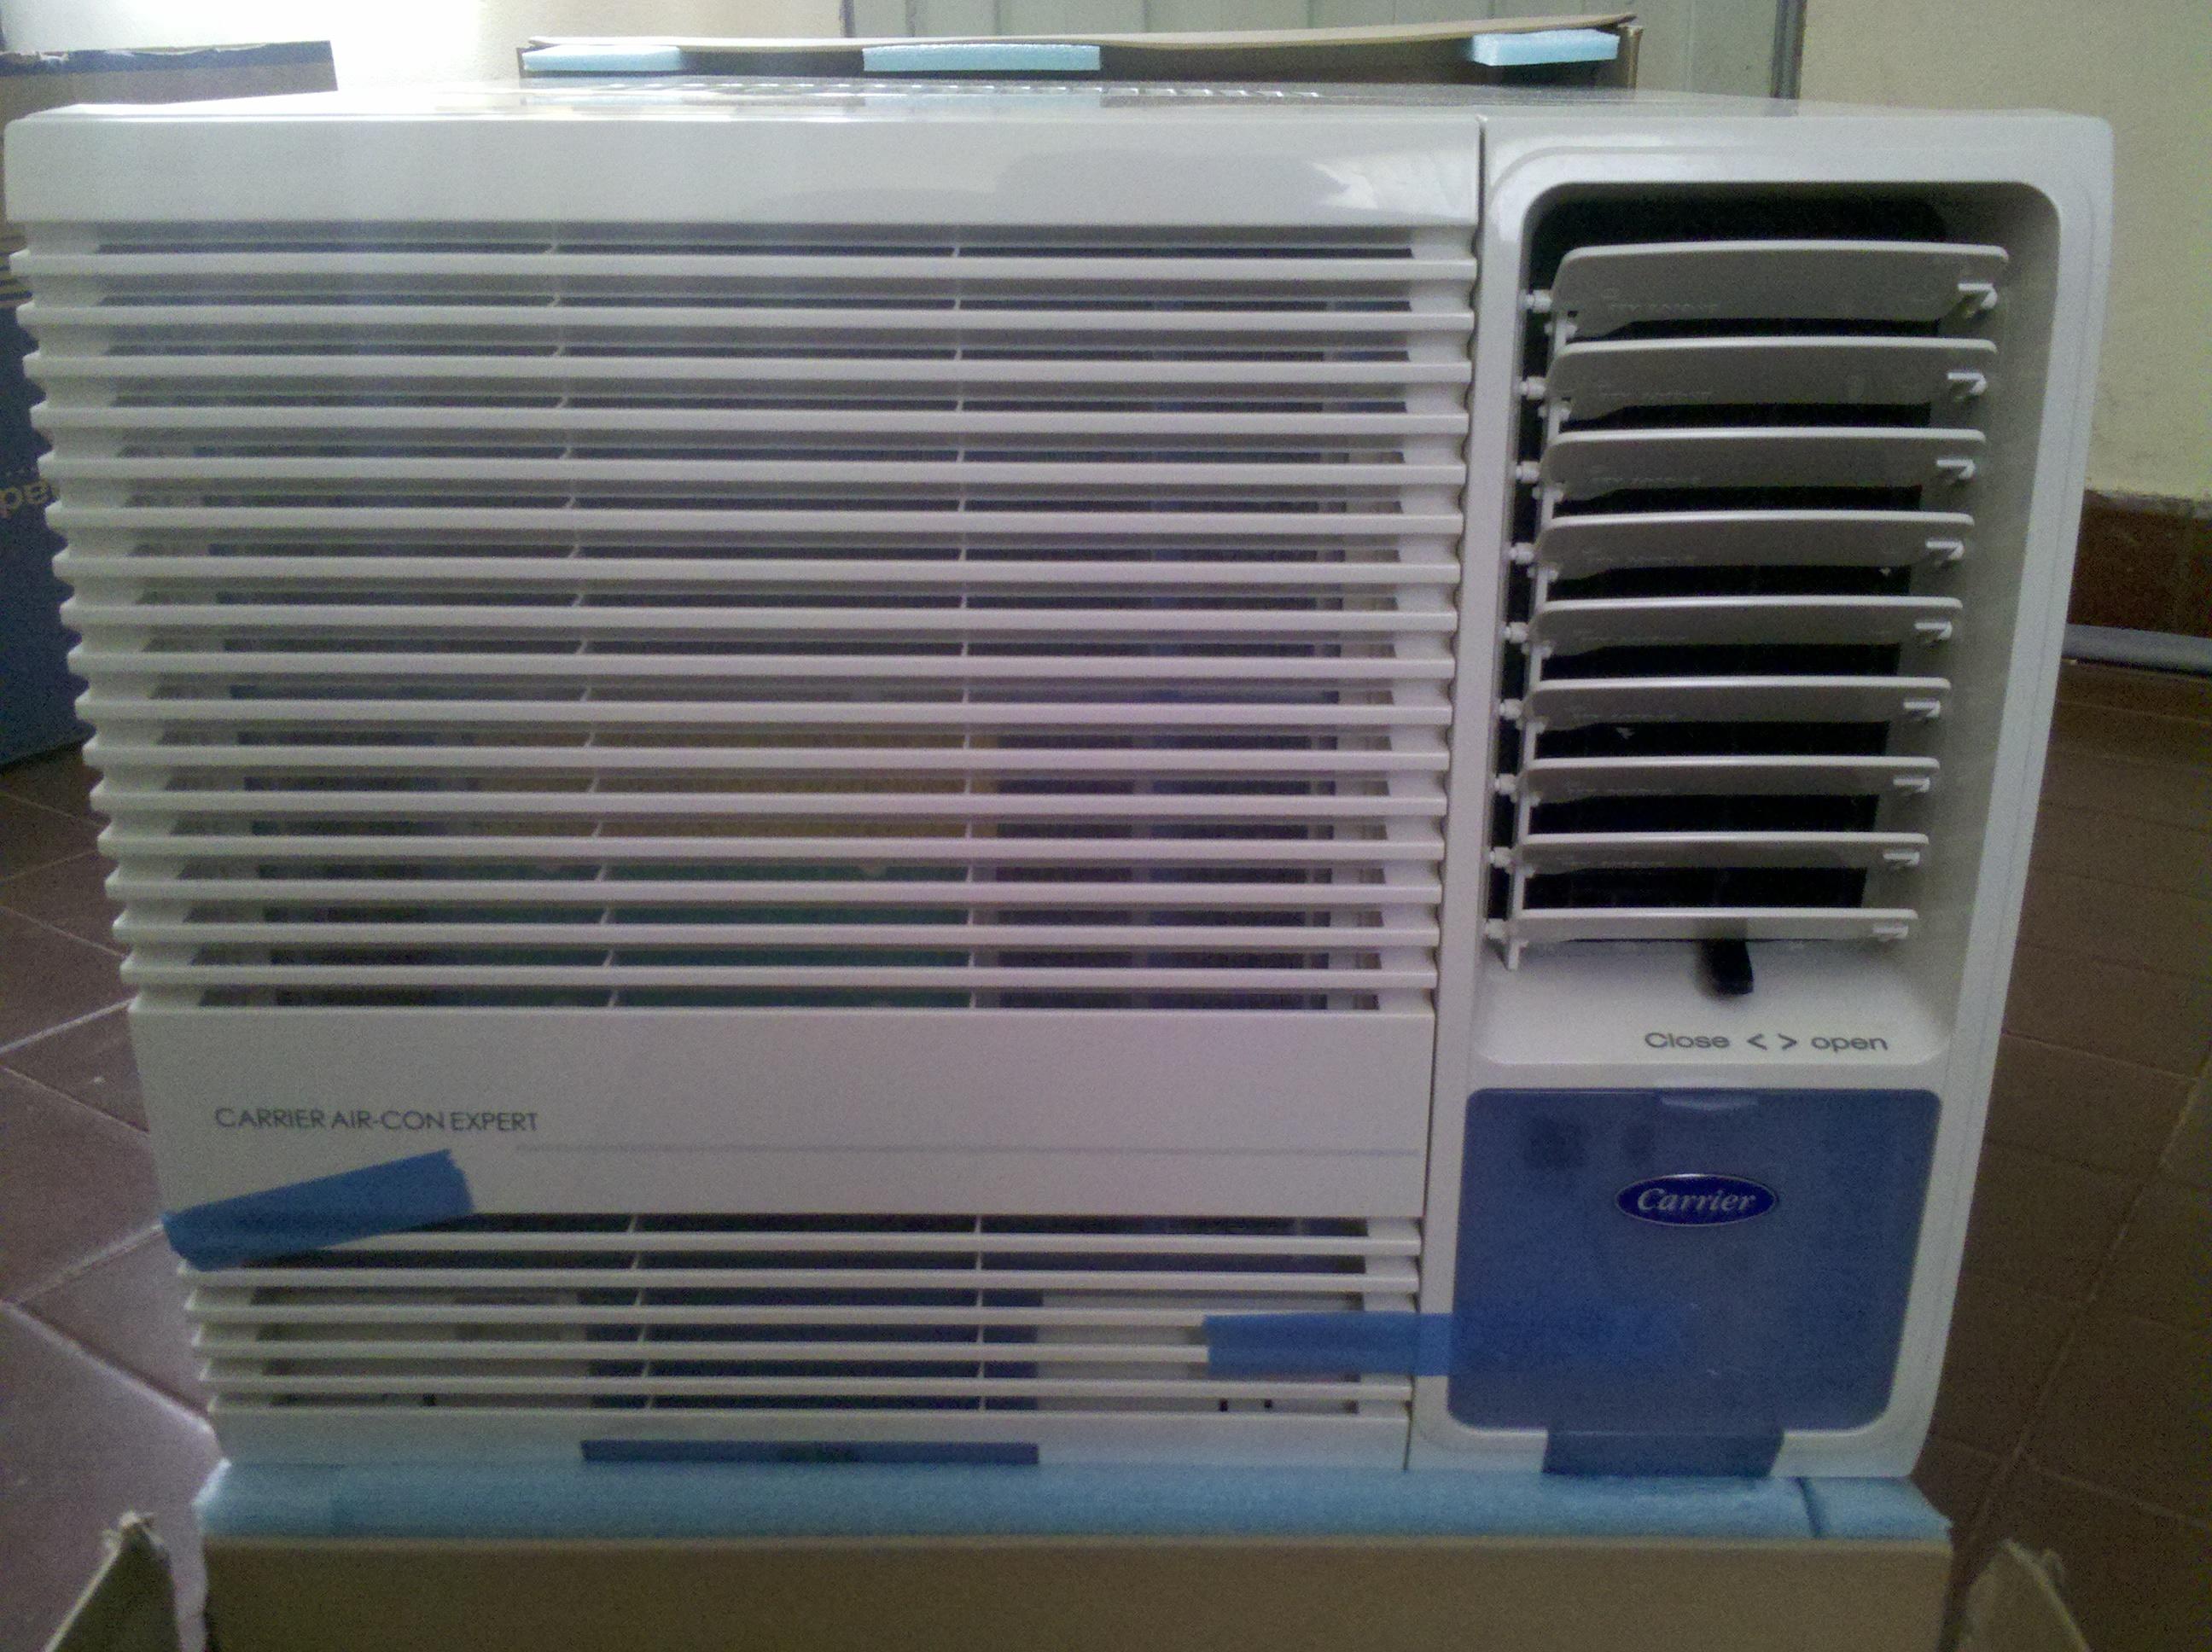 Instalar un aire acondicionado de ventana - Hazlo tu mismo - Taringa!